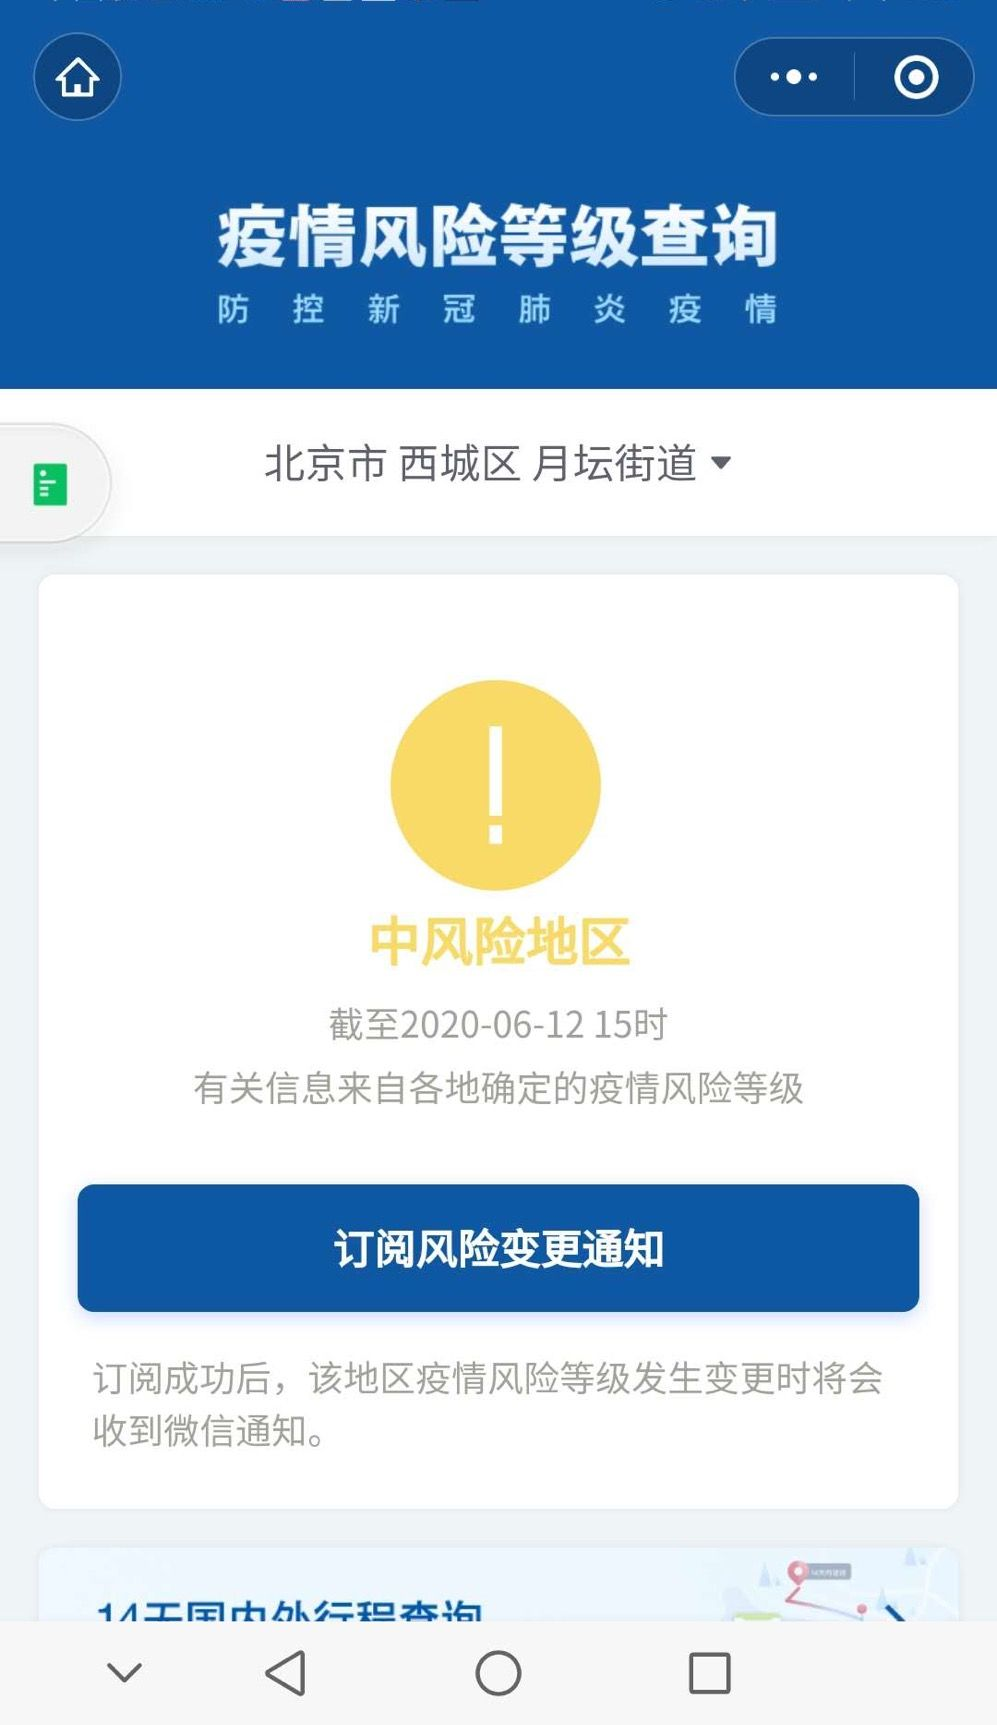 摩鑫注册,坛街道中摩鑫注册风险北京疫情风险图片